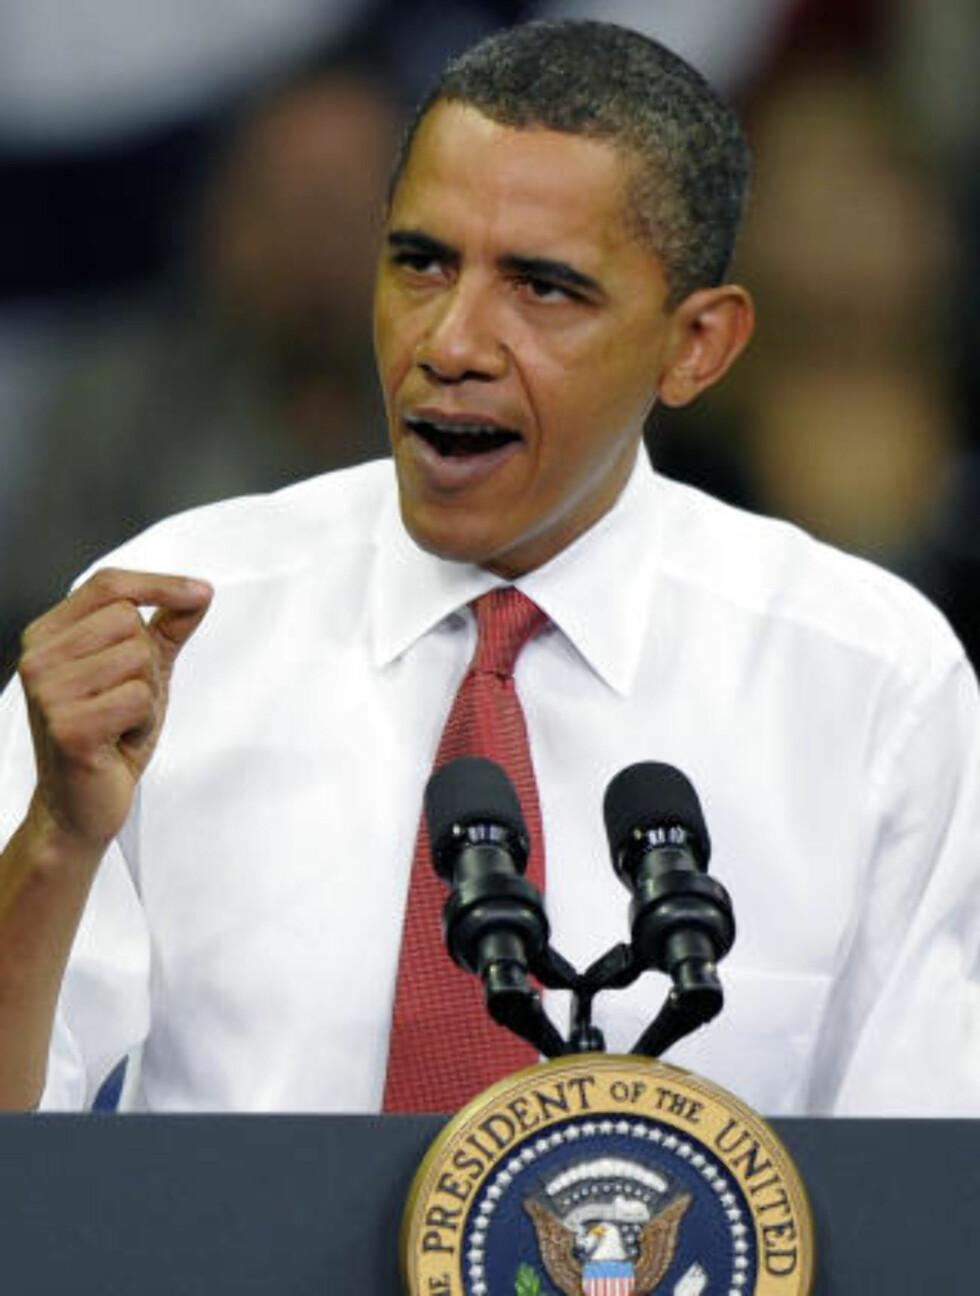 JOBBER I MOTVIND: USAs president Barack Obama sliter kraftig med å få gjennomslag for sin drøm om helsereform. Den krevende krigen i Afghanistan skaper også trøbbel. Foto: Jewel Samad/Scanpix